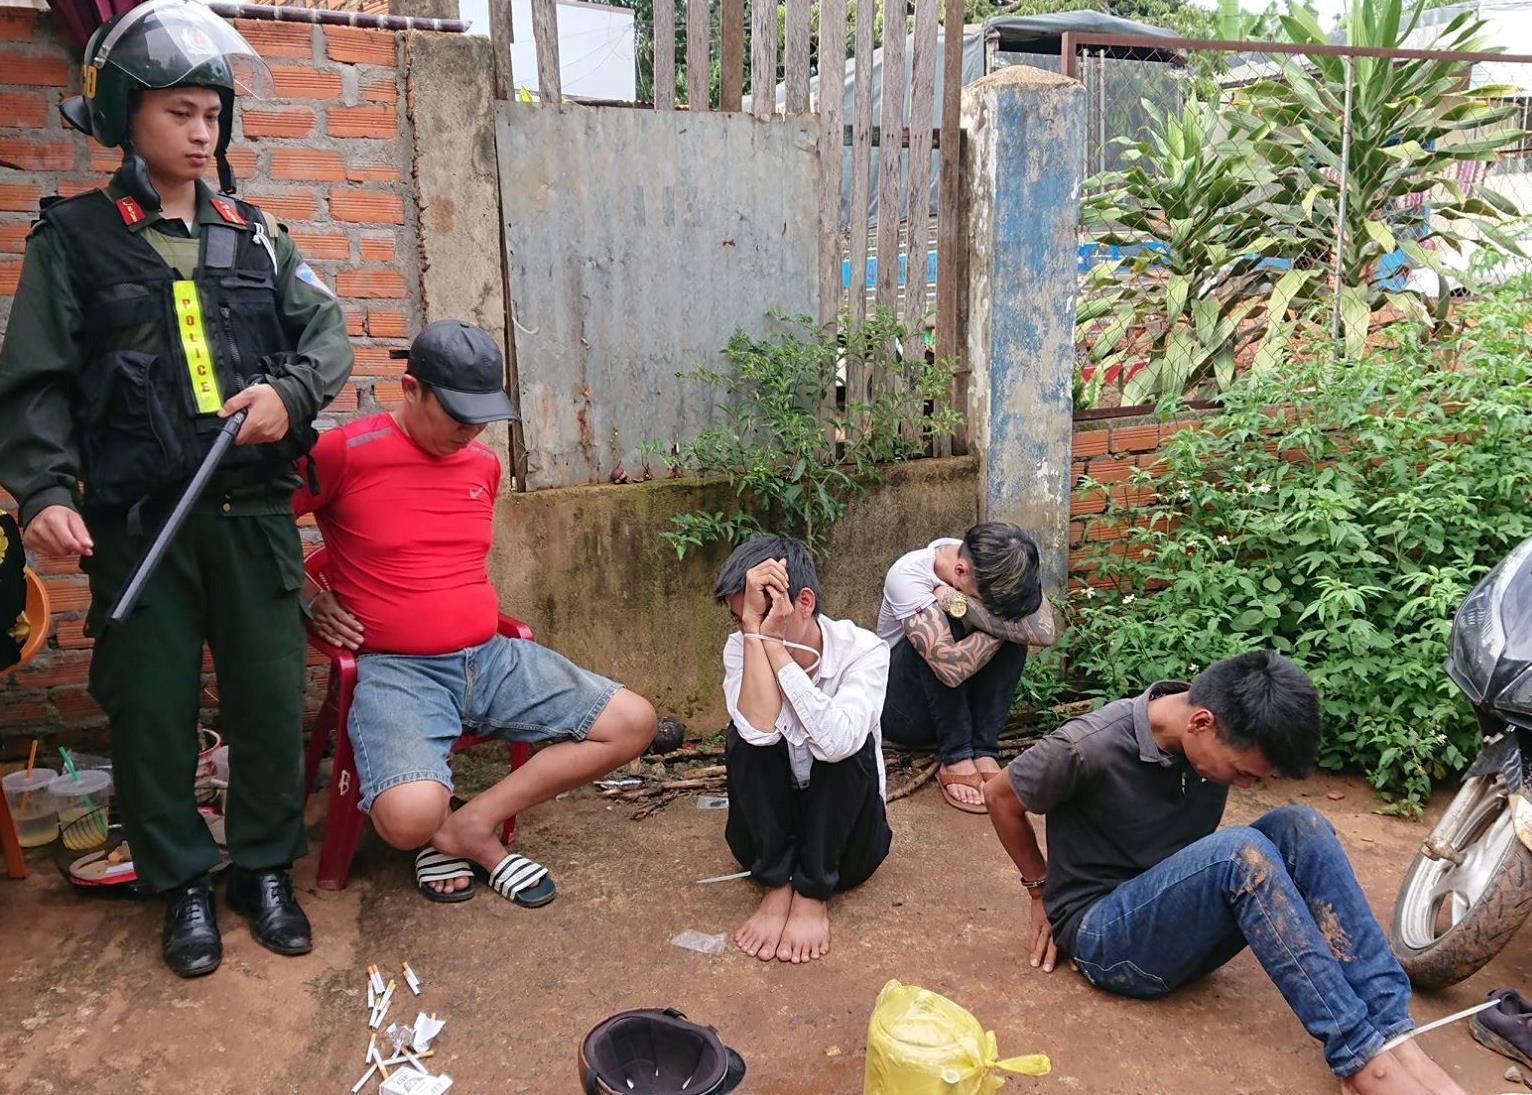 Công an Buôn Ma Thuột triệt phá 5 điểm bán ma túy ở phố núi Ảnh 1